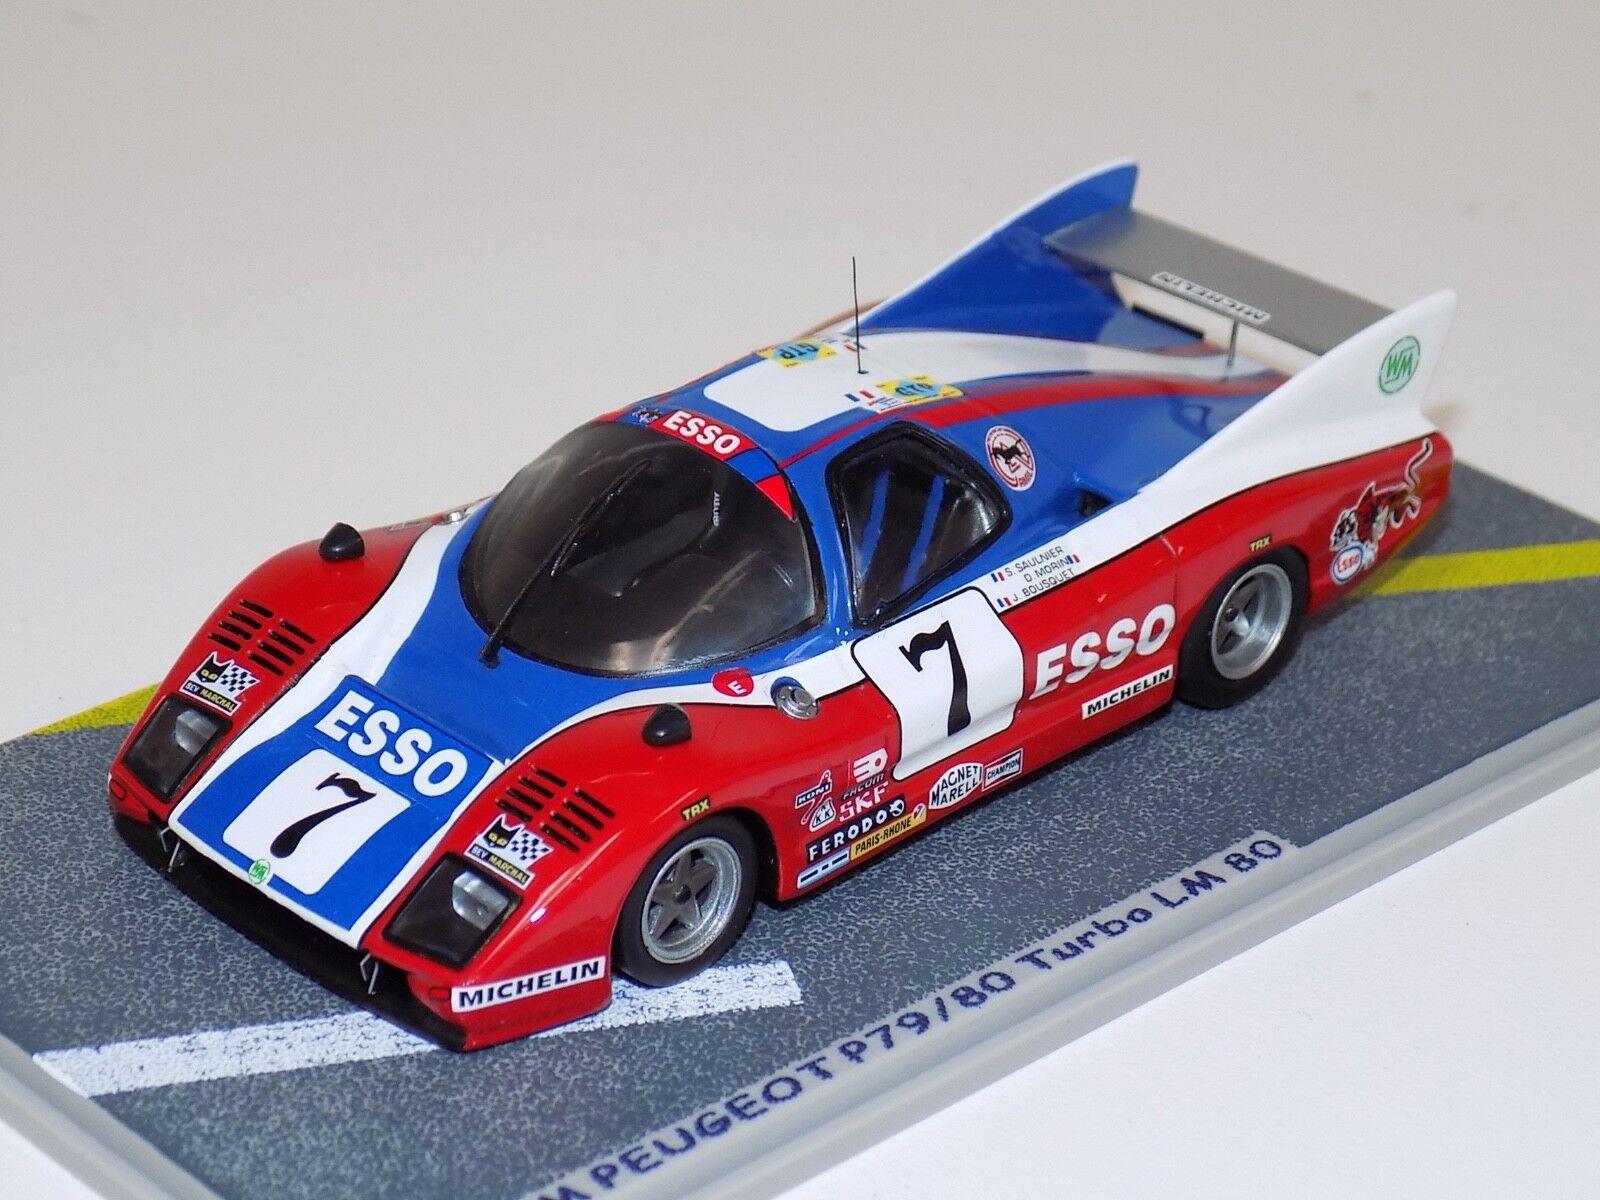 1 43 Bizarre Peugeot P79 80 Turbo  Car  7 1980 24 Hours of LeMans  BZ030